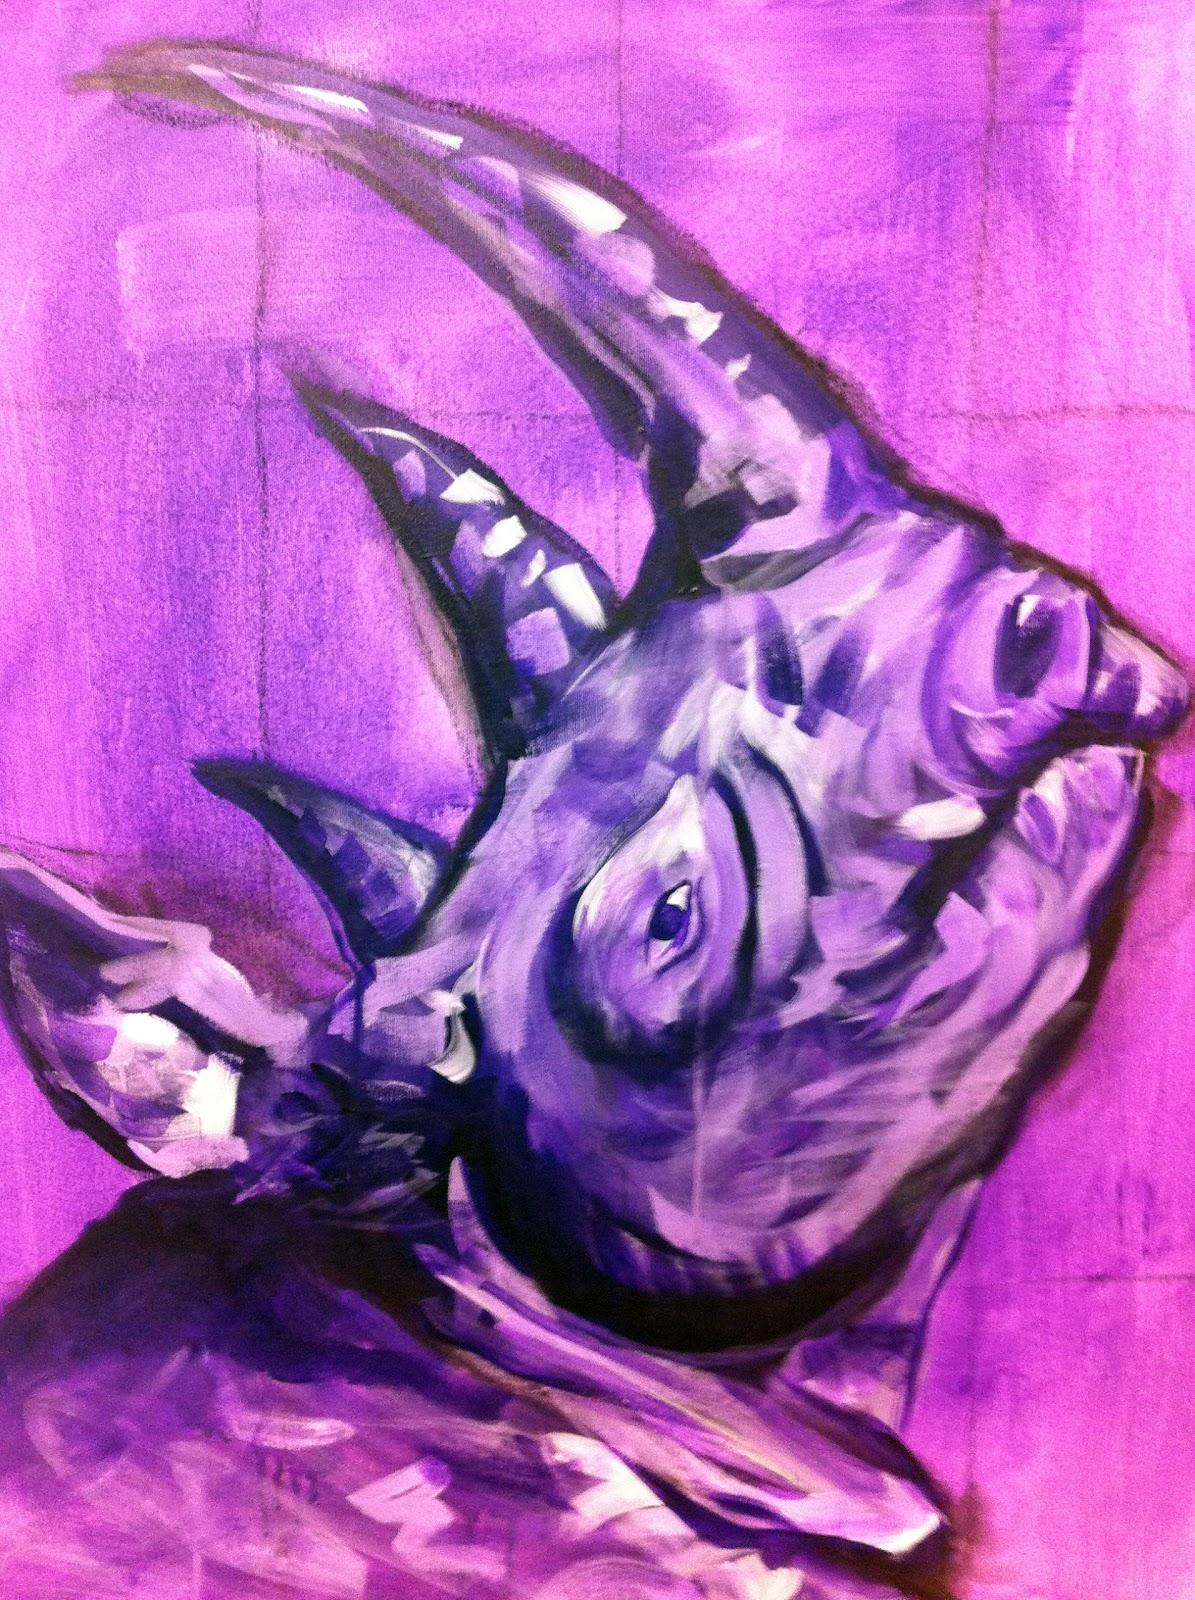 http://2.bp.blogspot.com/-fxgD8ZtPSa8/TjWhucUGRjI/AAAAAAAAA38/kamplCWL-6U/s1600/purple+rhino.JPG